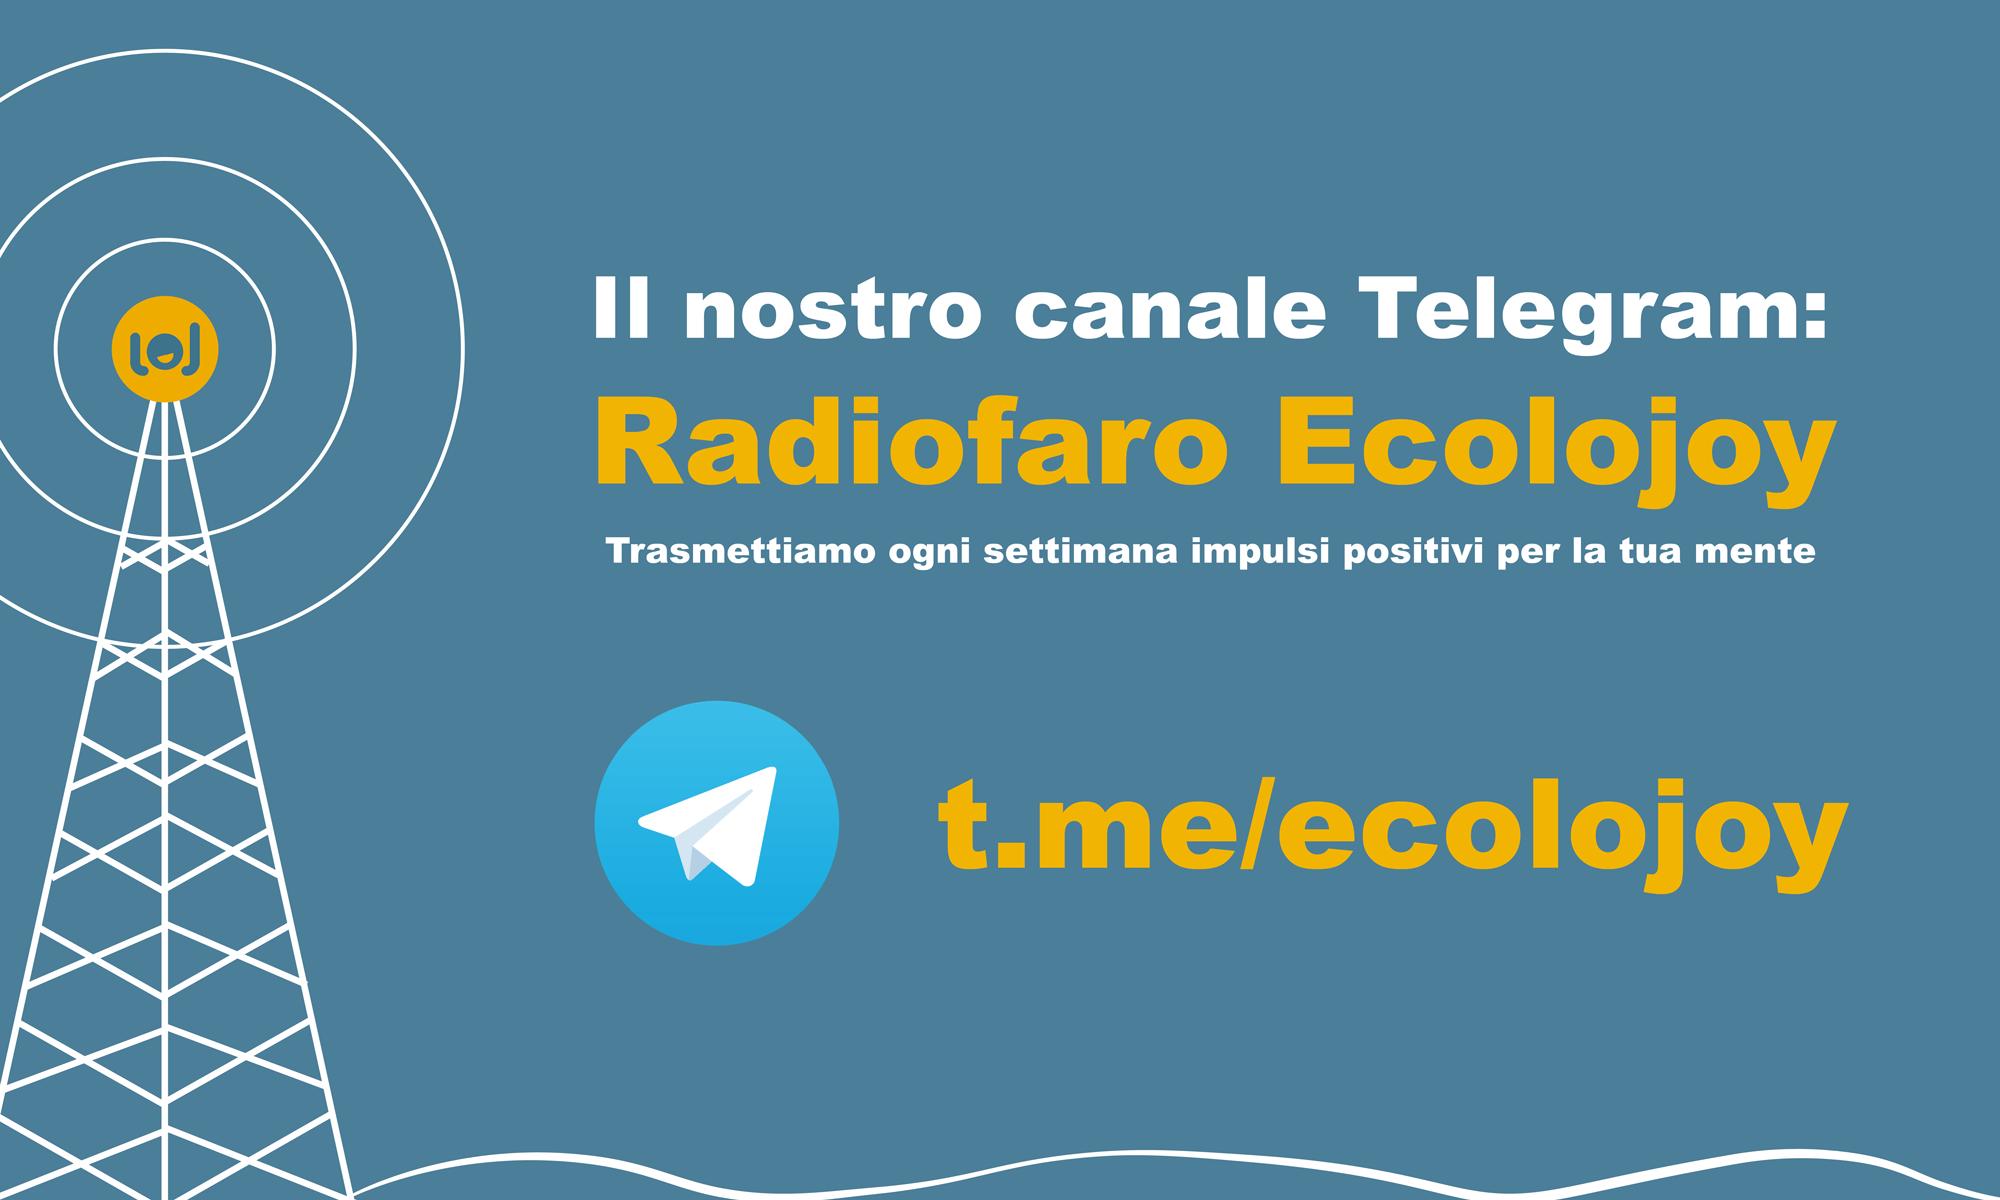 radiofaro-ecolojoy